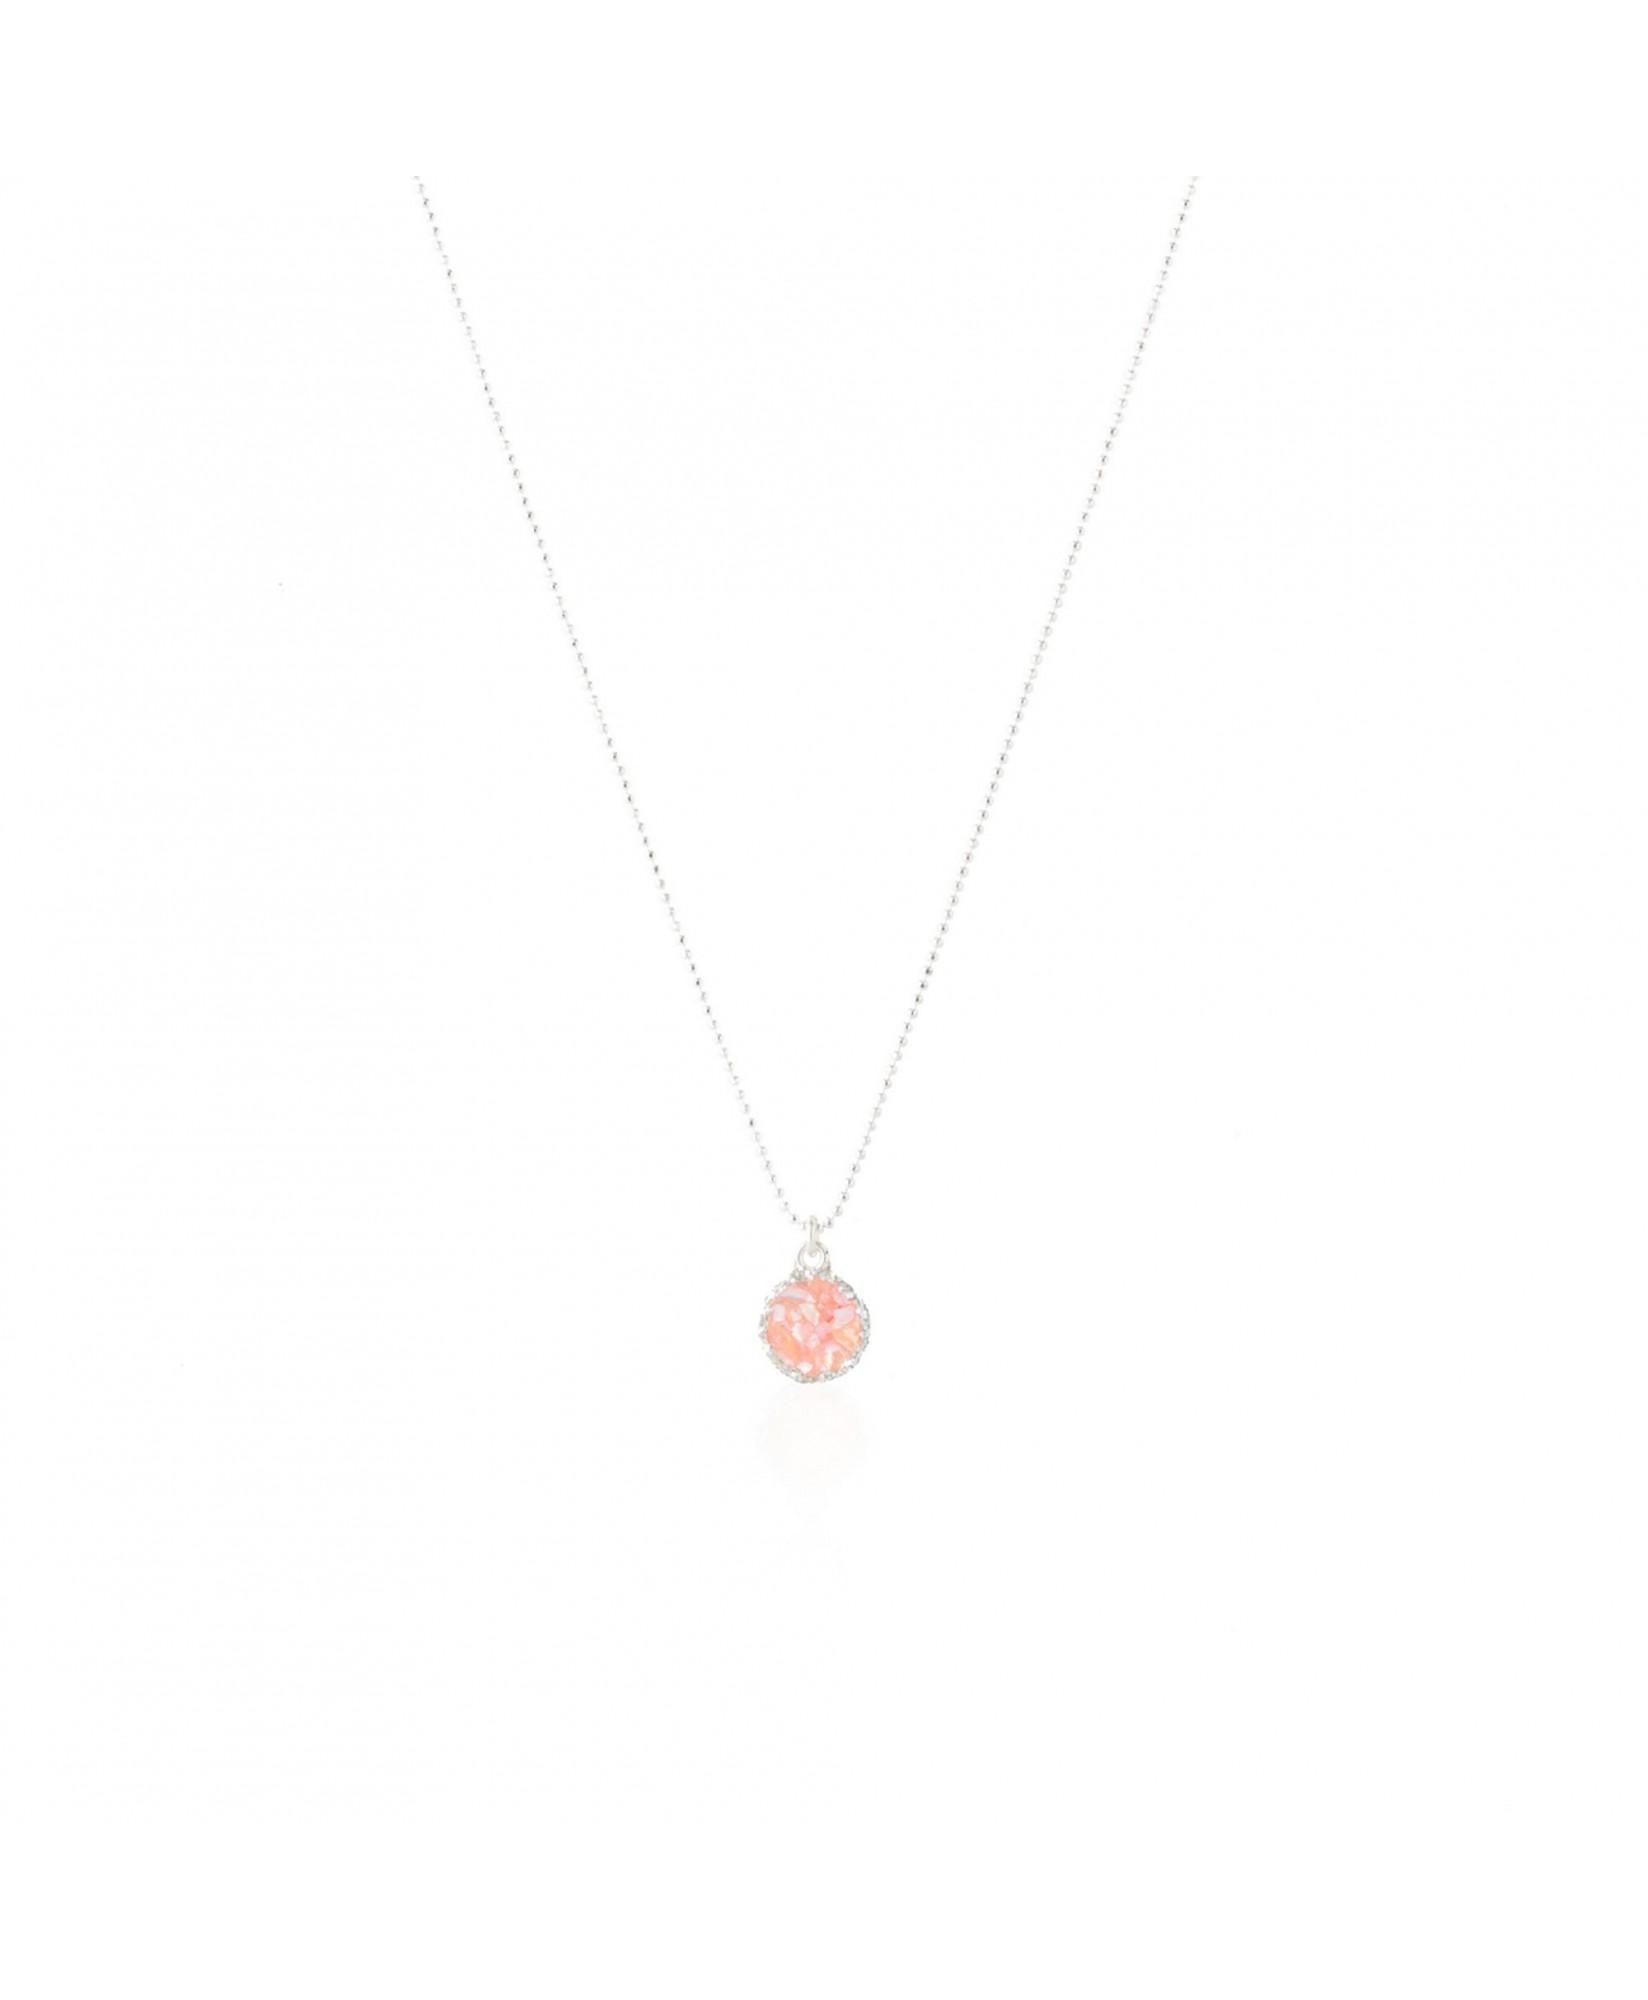 Gargantilla de plata con colgante redondo Soft con nácar rosa Gargantilla de plata con colgante redondo Soft con nácar rosa